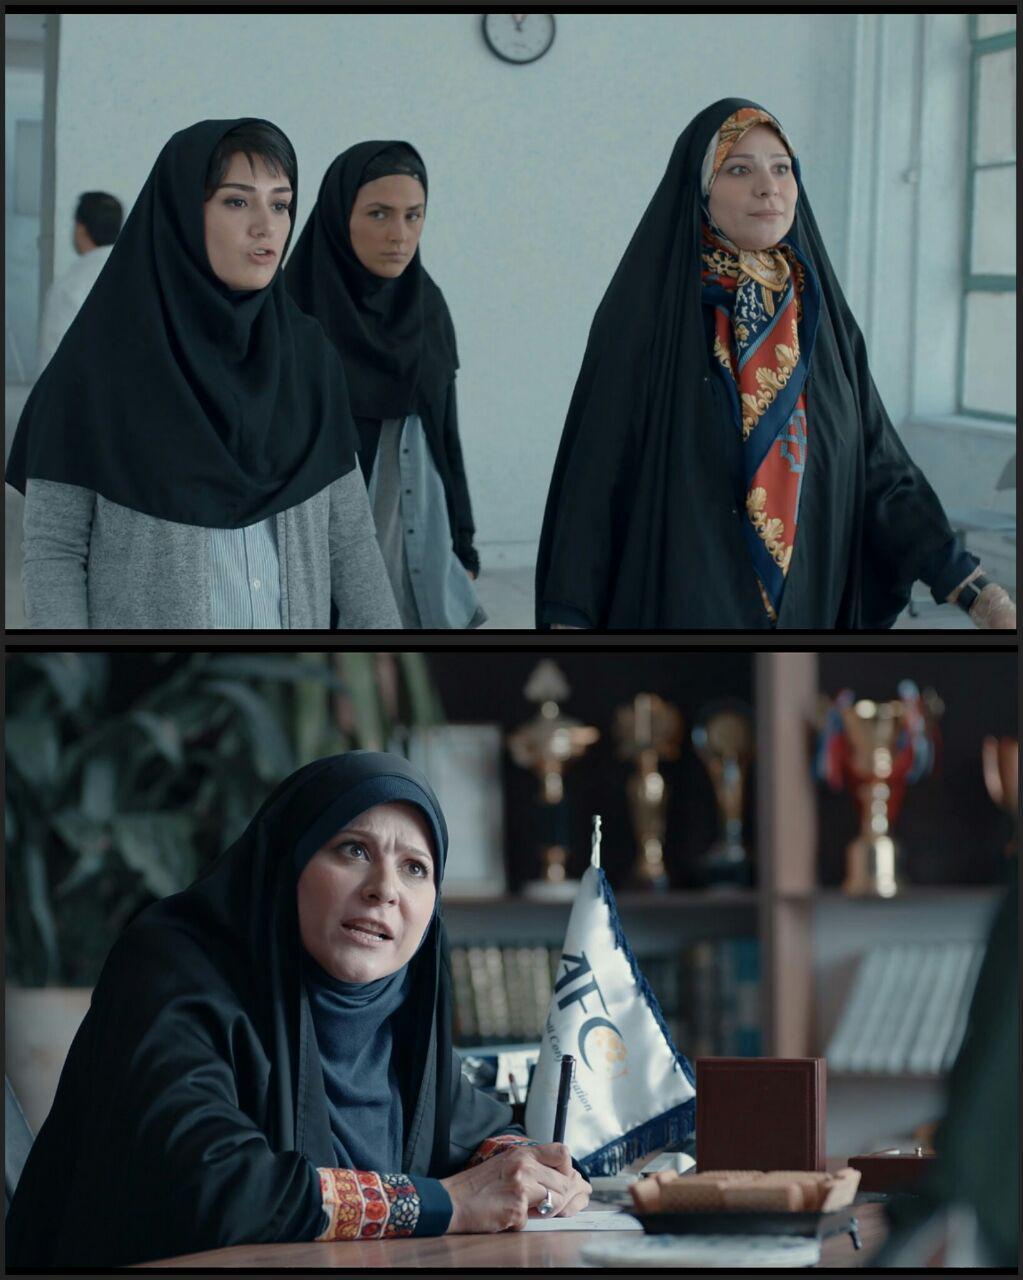 عکس متفاوت از سحر دولتشاهی در نقش معاون فدراسیون فوتبال بانوان